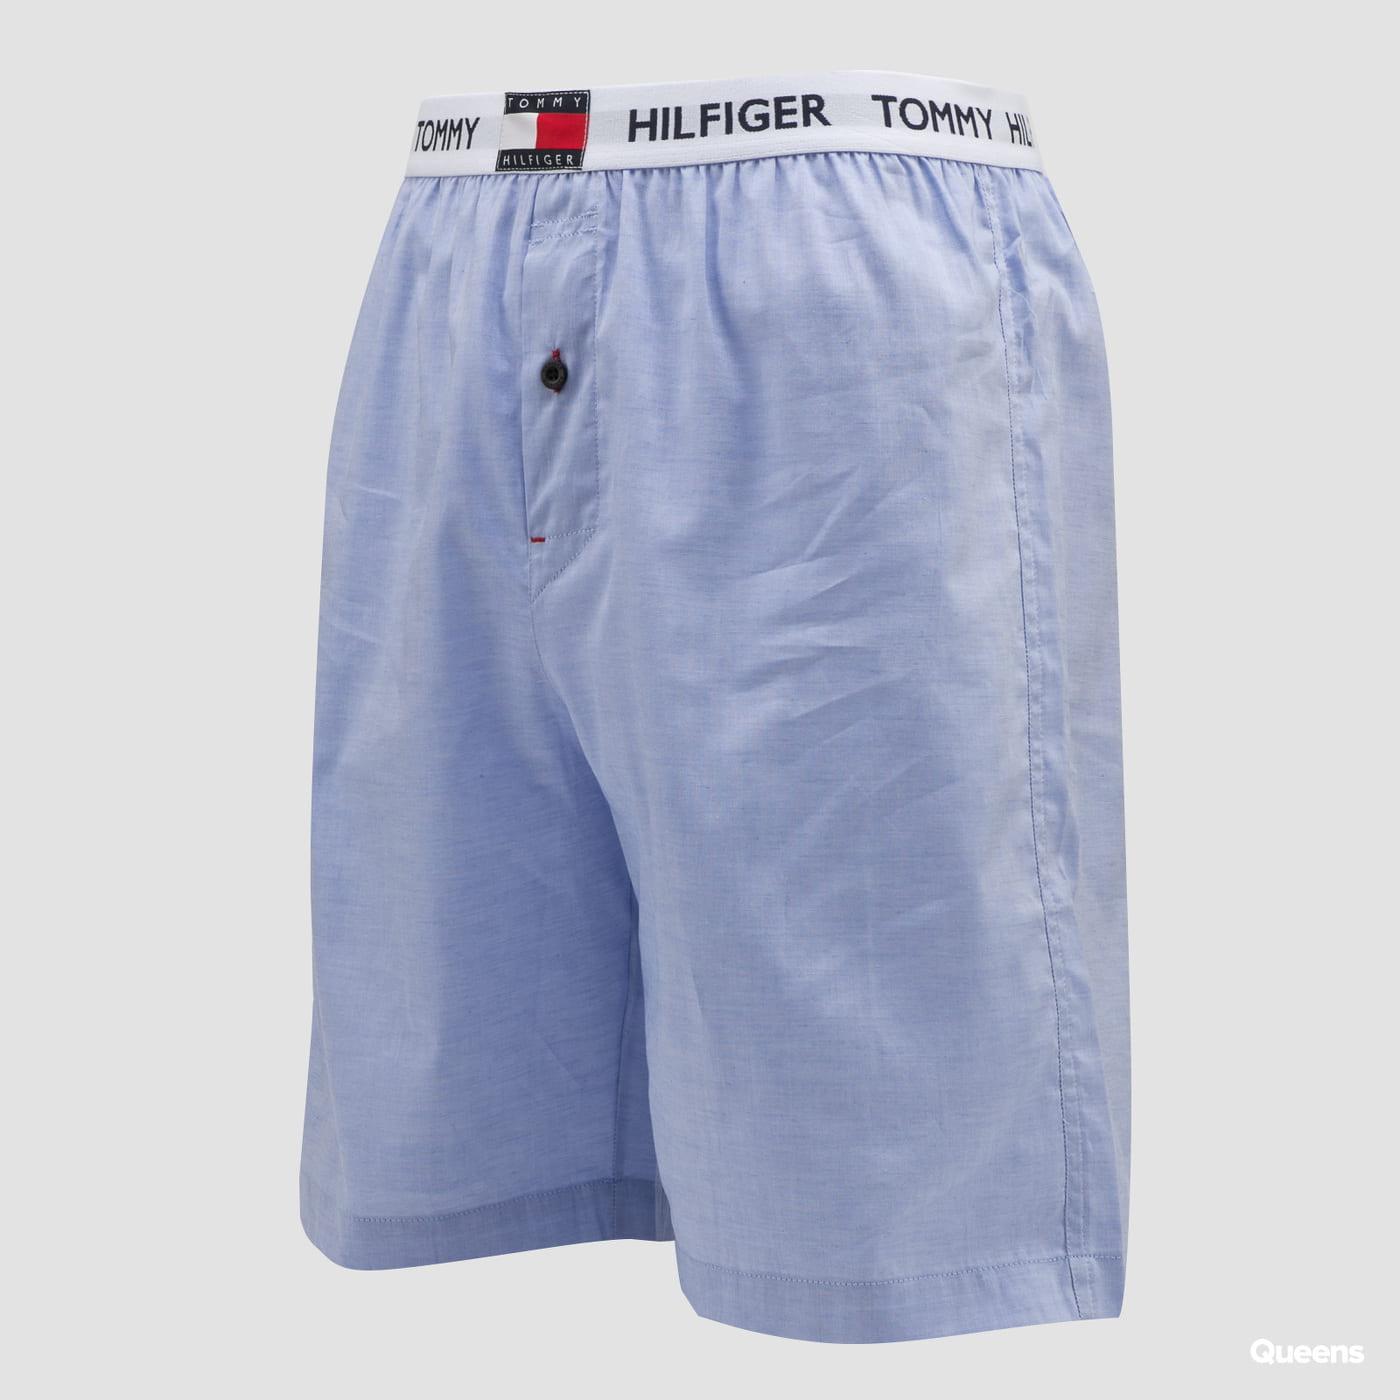 Tommy Hilfiger Woven Short melange blue